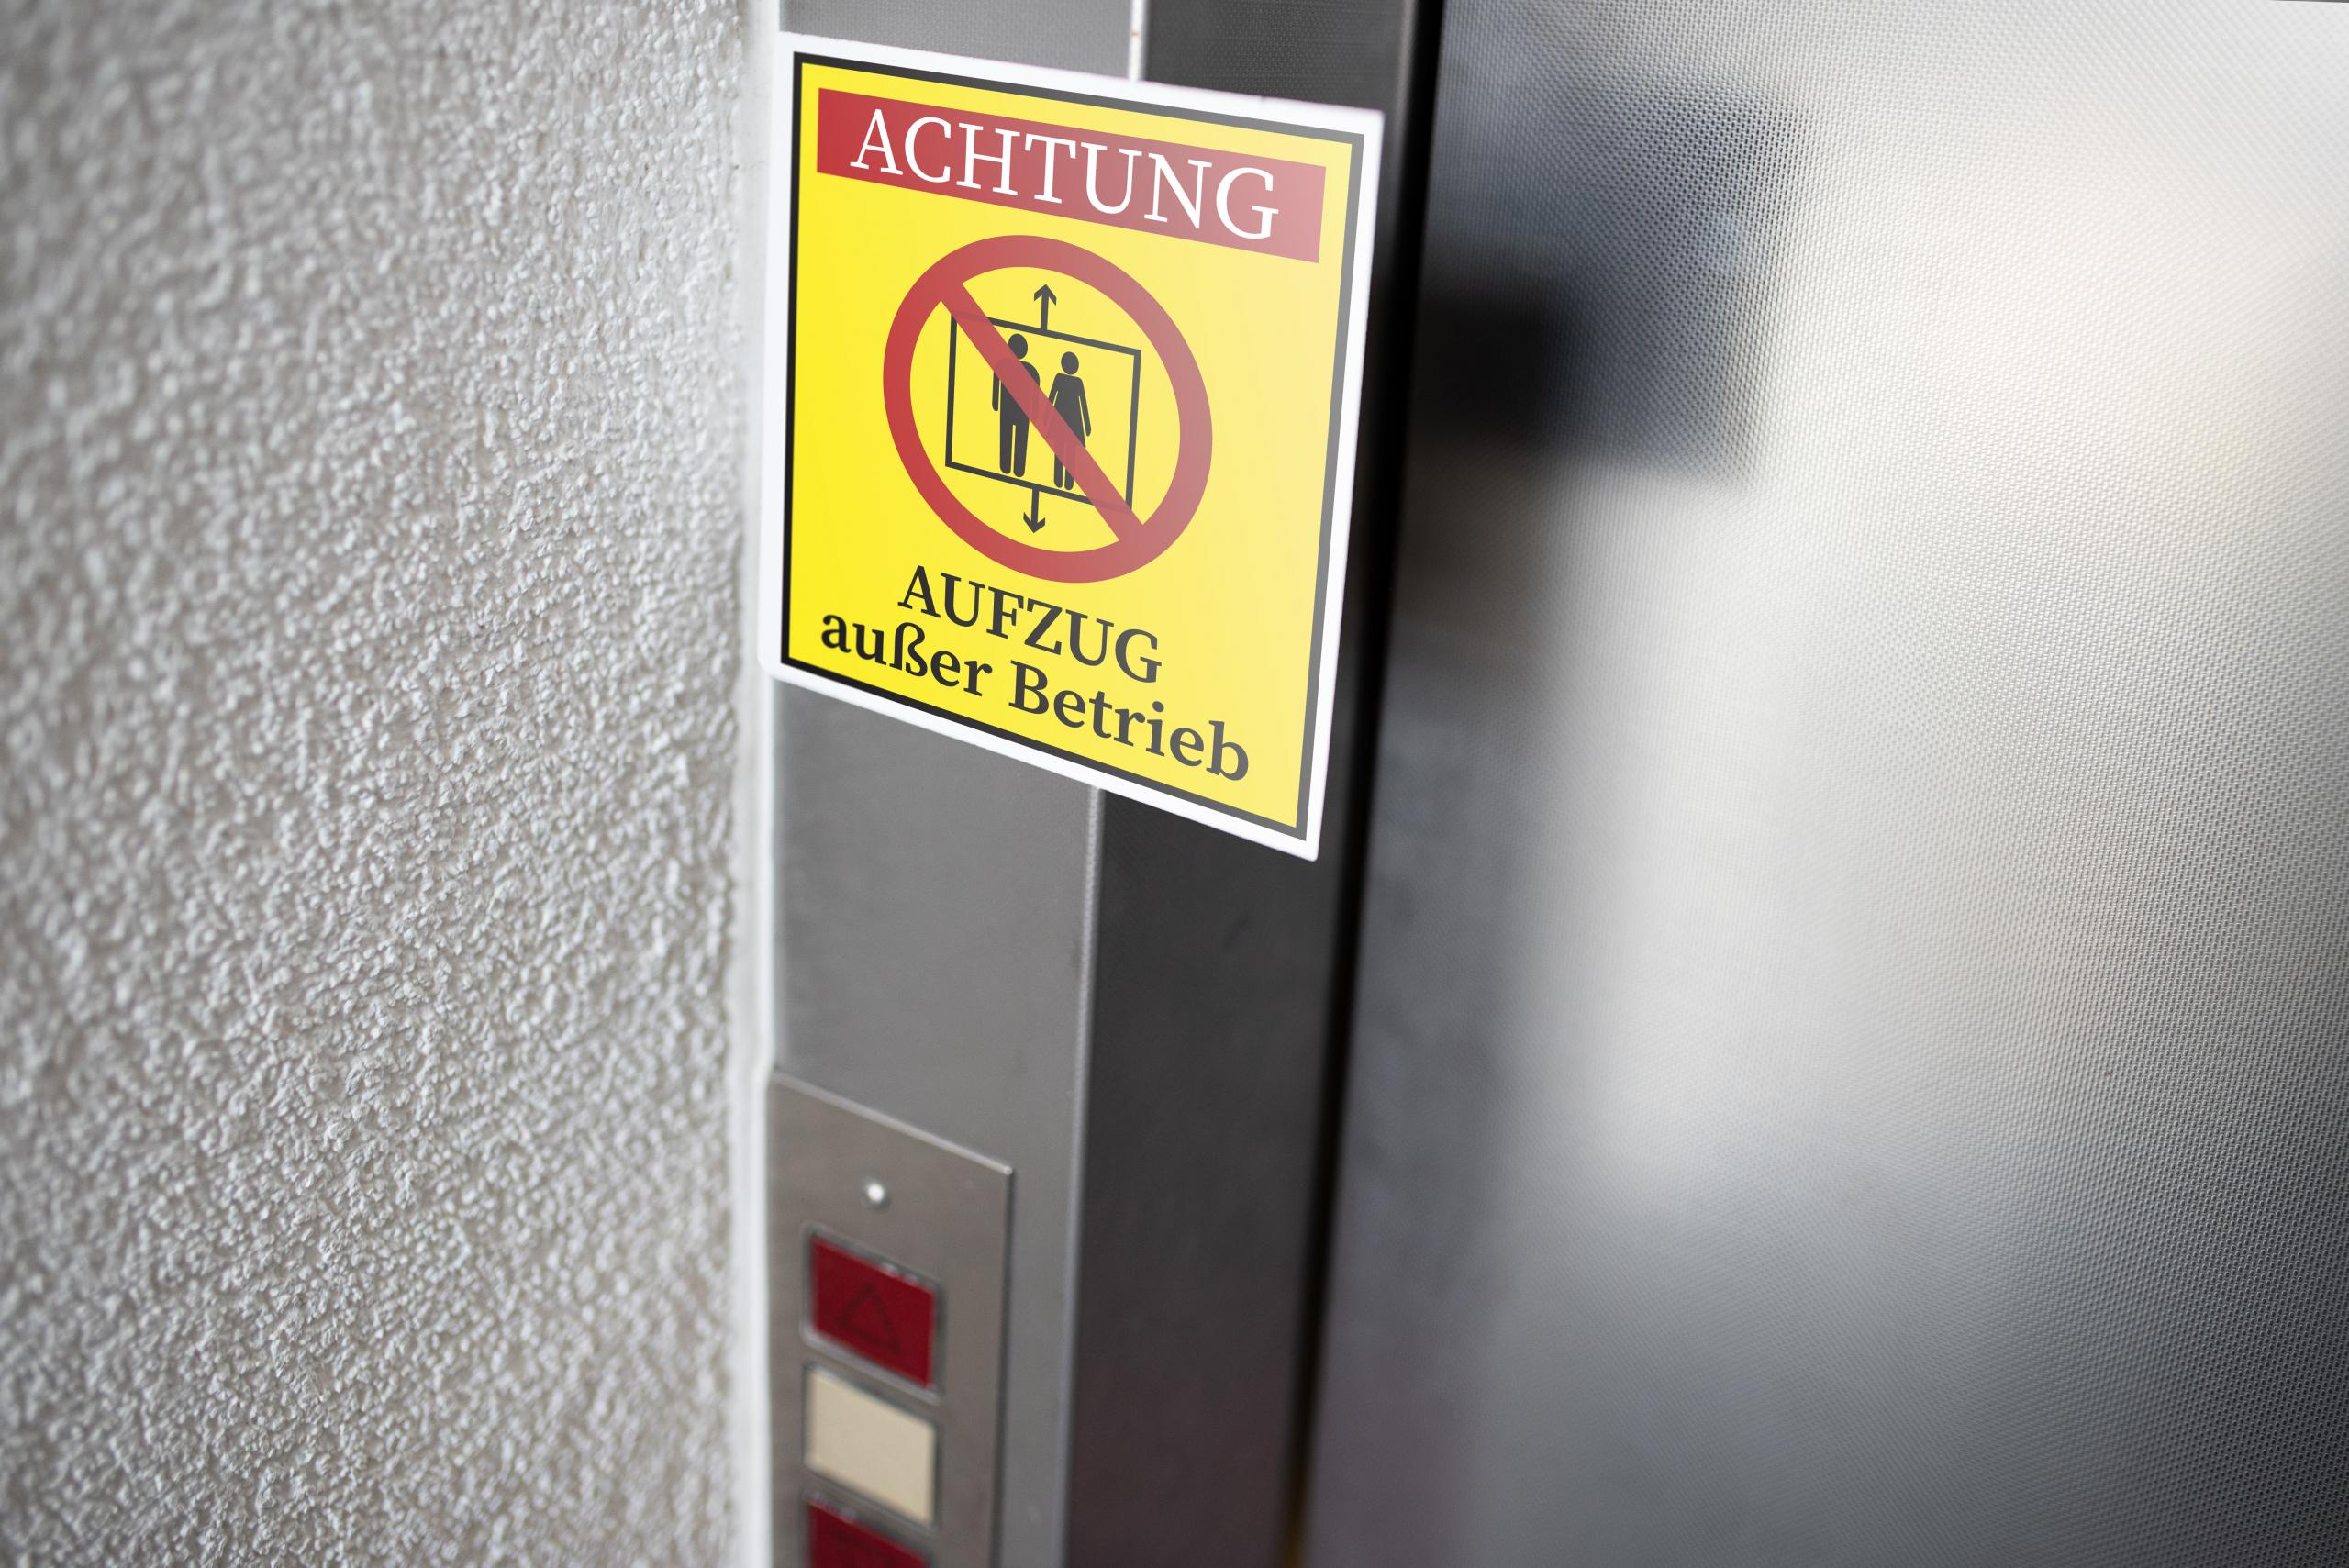 Bei einer nicht fachkundiger Personenbefreiung kann der Aufzug beschädigt werden.